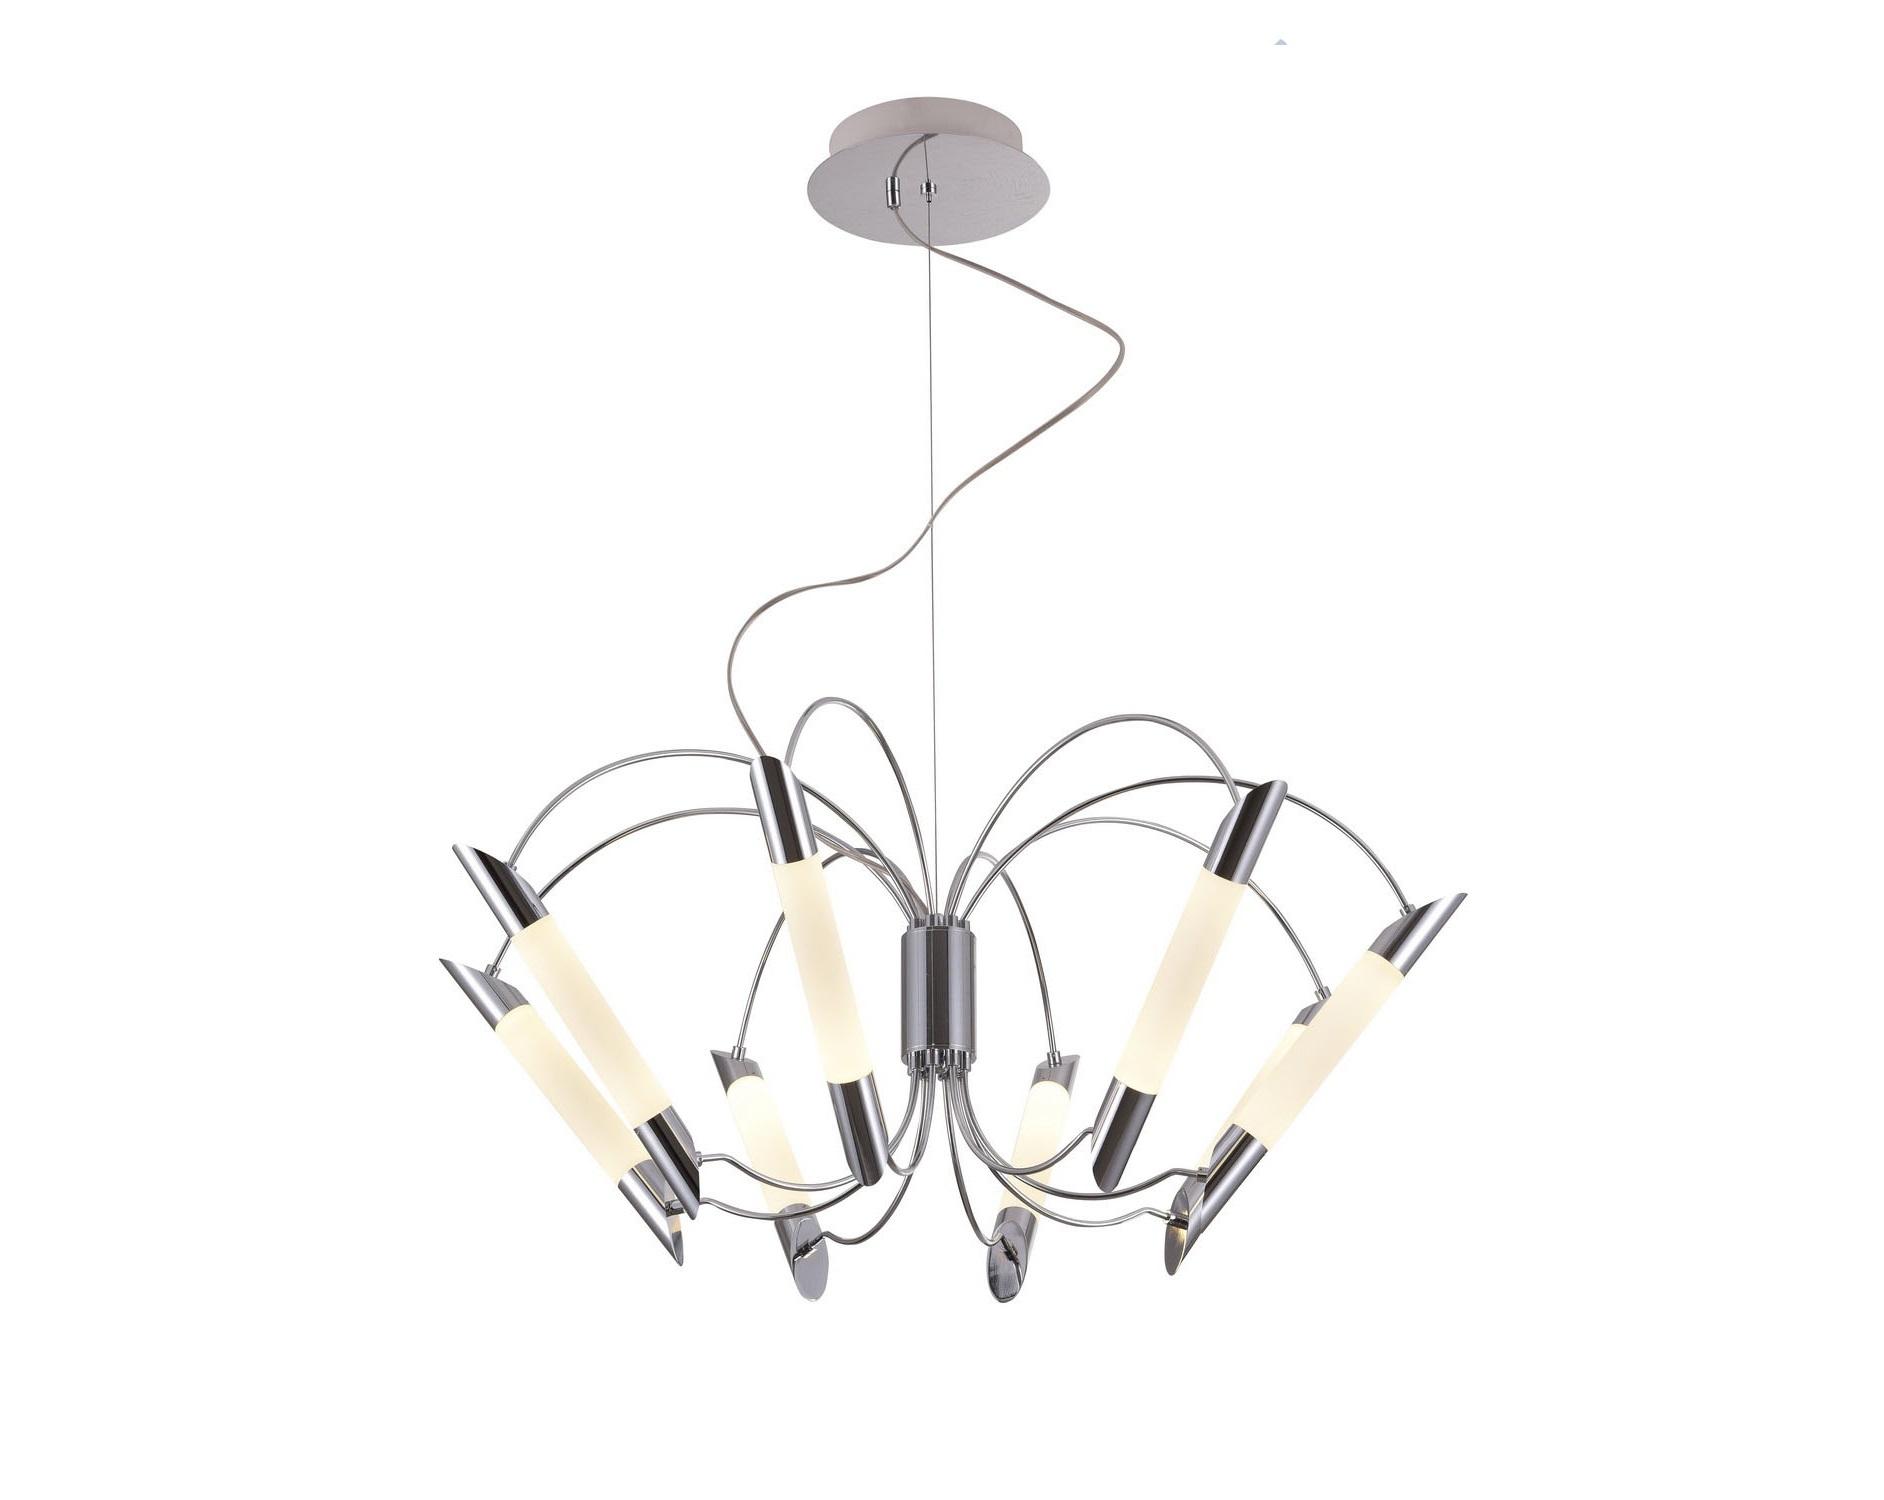 Люстра подвесная MiladaЛюстры подвесные<br>Люстра со встроенной светодиодной матрицей общей мощностью 48W (Эквивалент лампы накаливания 480 W). Цветовая температура 4000-4200К. <br>Люстра поставляется в собранном виде и имеет в комплекте все необходимые для монтажа крепежные элементы.&amp;lt;div&amp;gt;&amp;lt;br&amp;gt;&amp;lt;/div&amp;gt;&amp;lt;div&amp;gt;&amp;lt;div&amp;gt;Цоколь: LED&amp;lt;/div&amp;gt;&amp;lt;div&amp;gt;Мощность лампы: 48W&amp;lt;/div&amp;gt;&amp;lt;div&amp;gt;Количество ламп: 8&amp;lt;/div&amp;gt;&amp;lt;/div&amp;gt;<br><br>Material: Металл<br>Height см: 100<br>Diameter см: 82